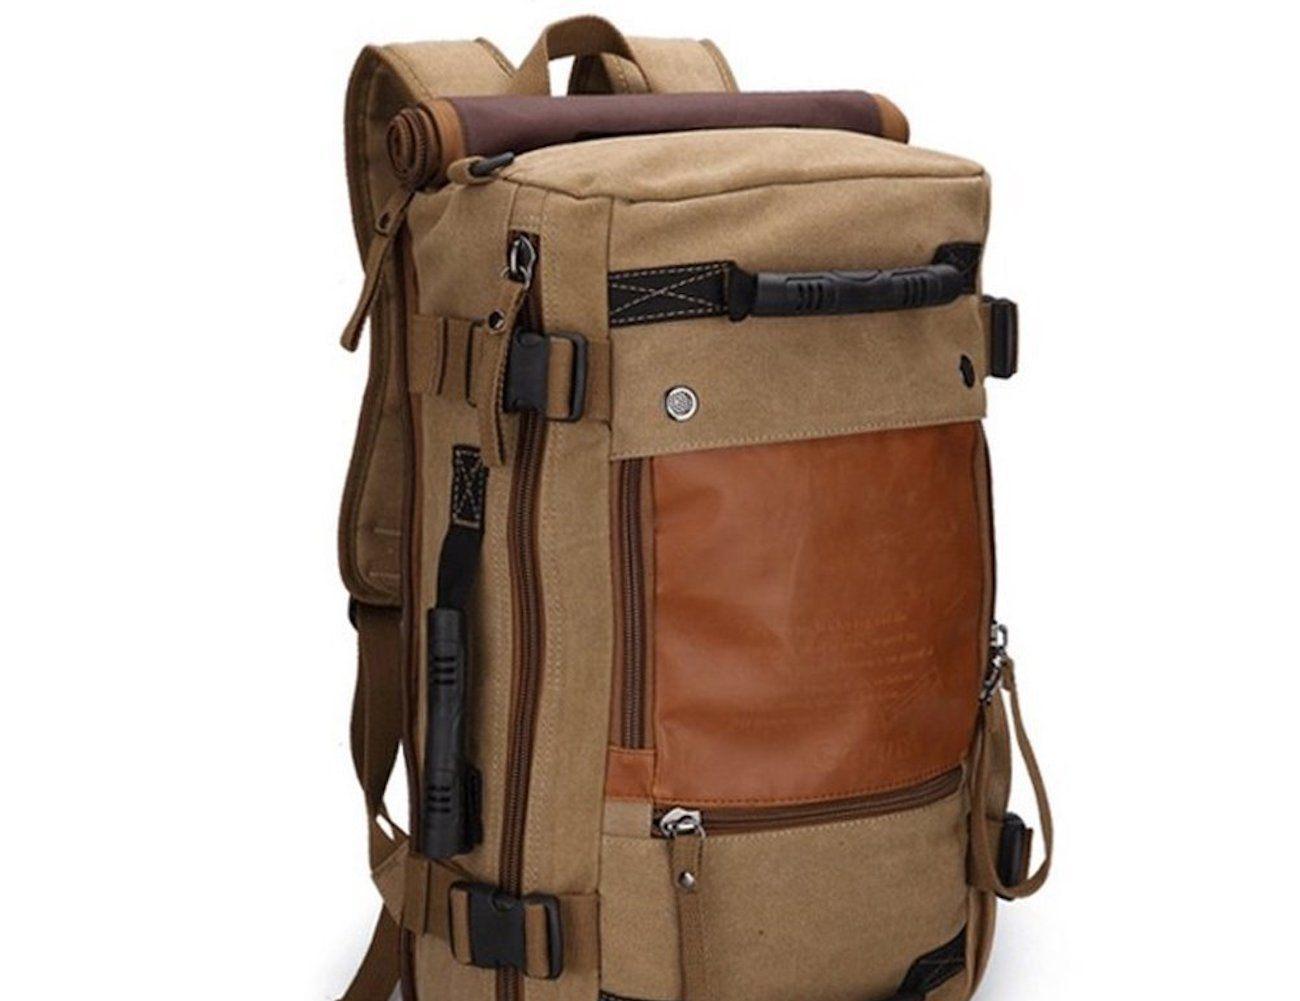 e63a28c08fd6 Durable Canvas Travel Backpack- Fenix Toulouse Handball